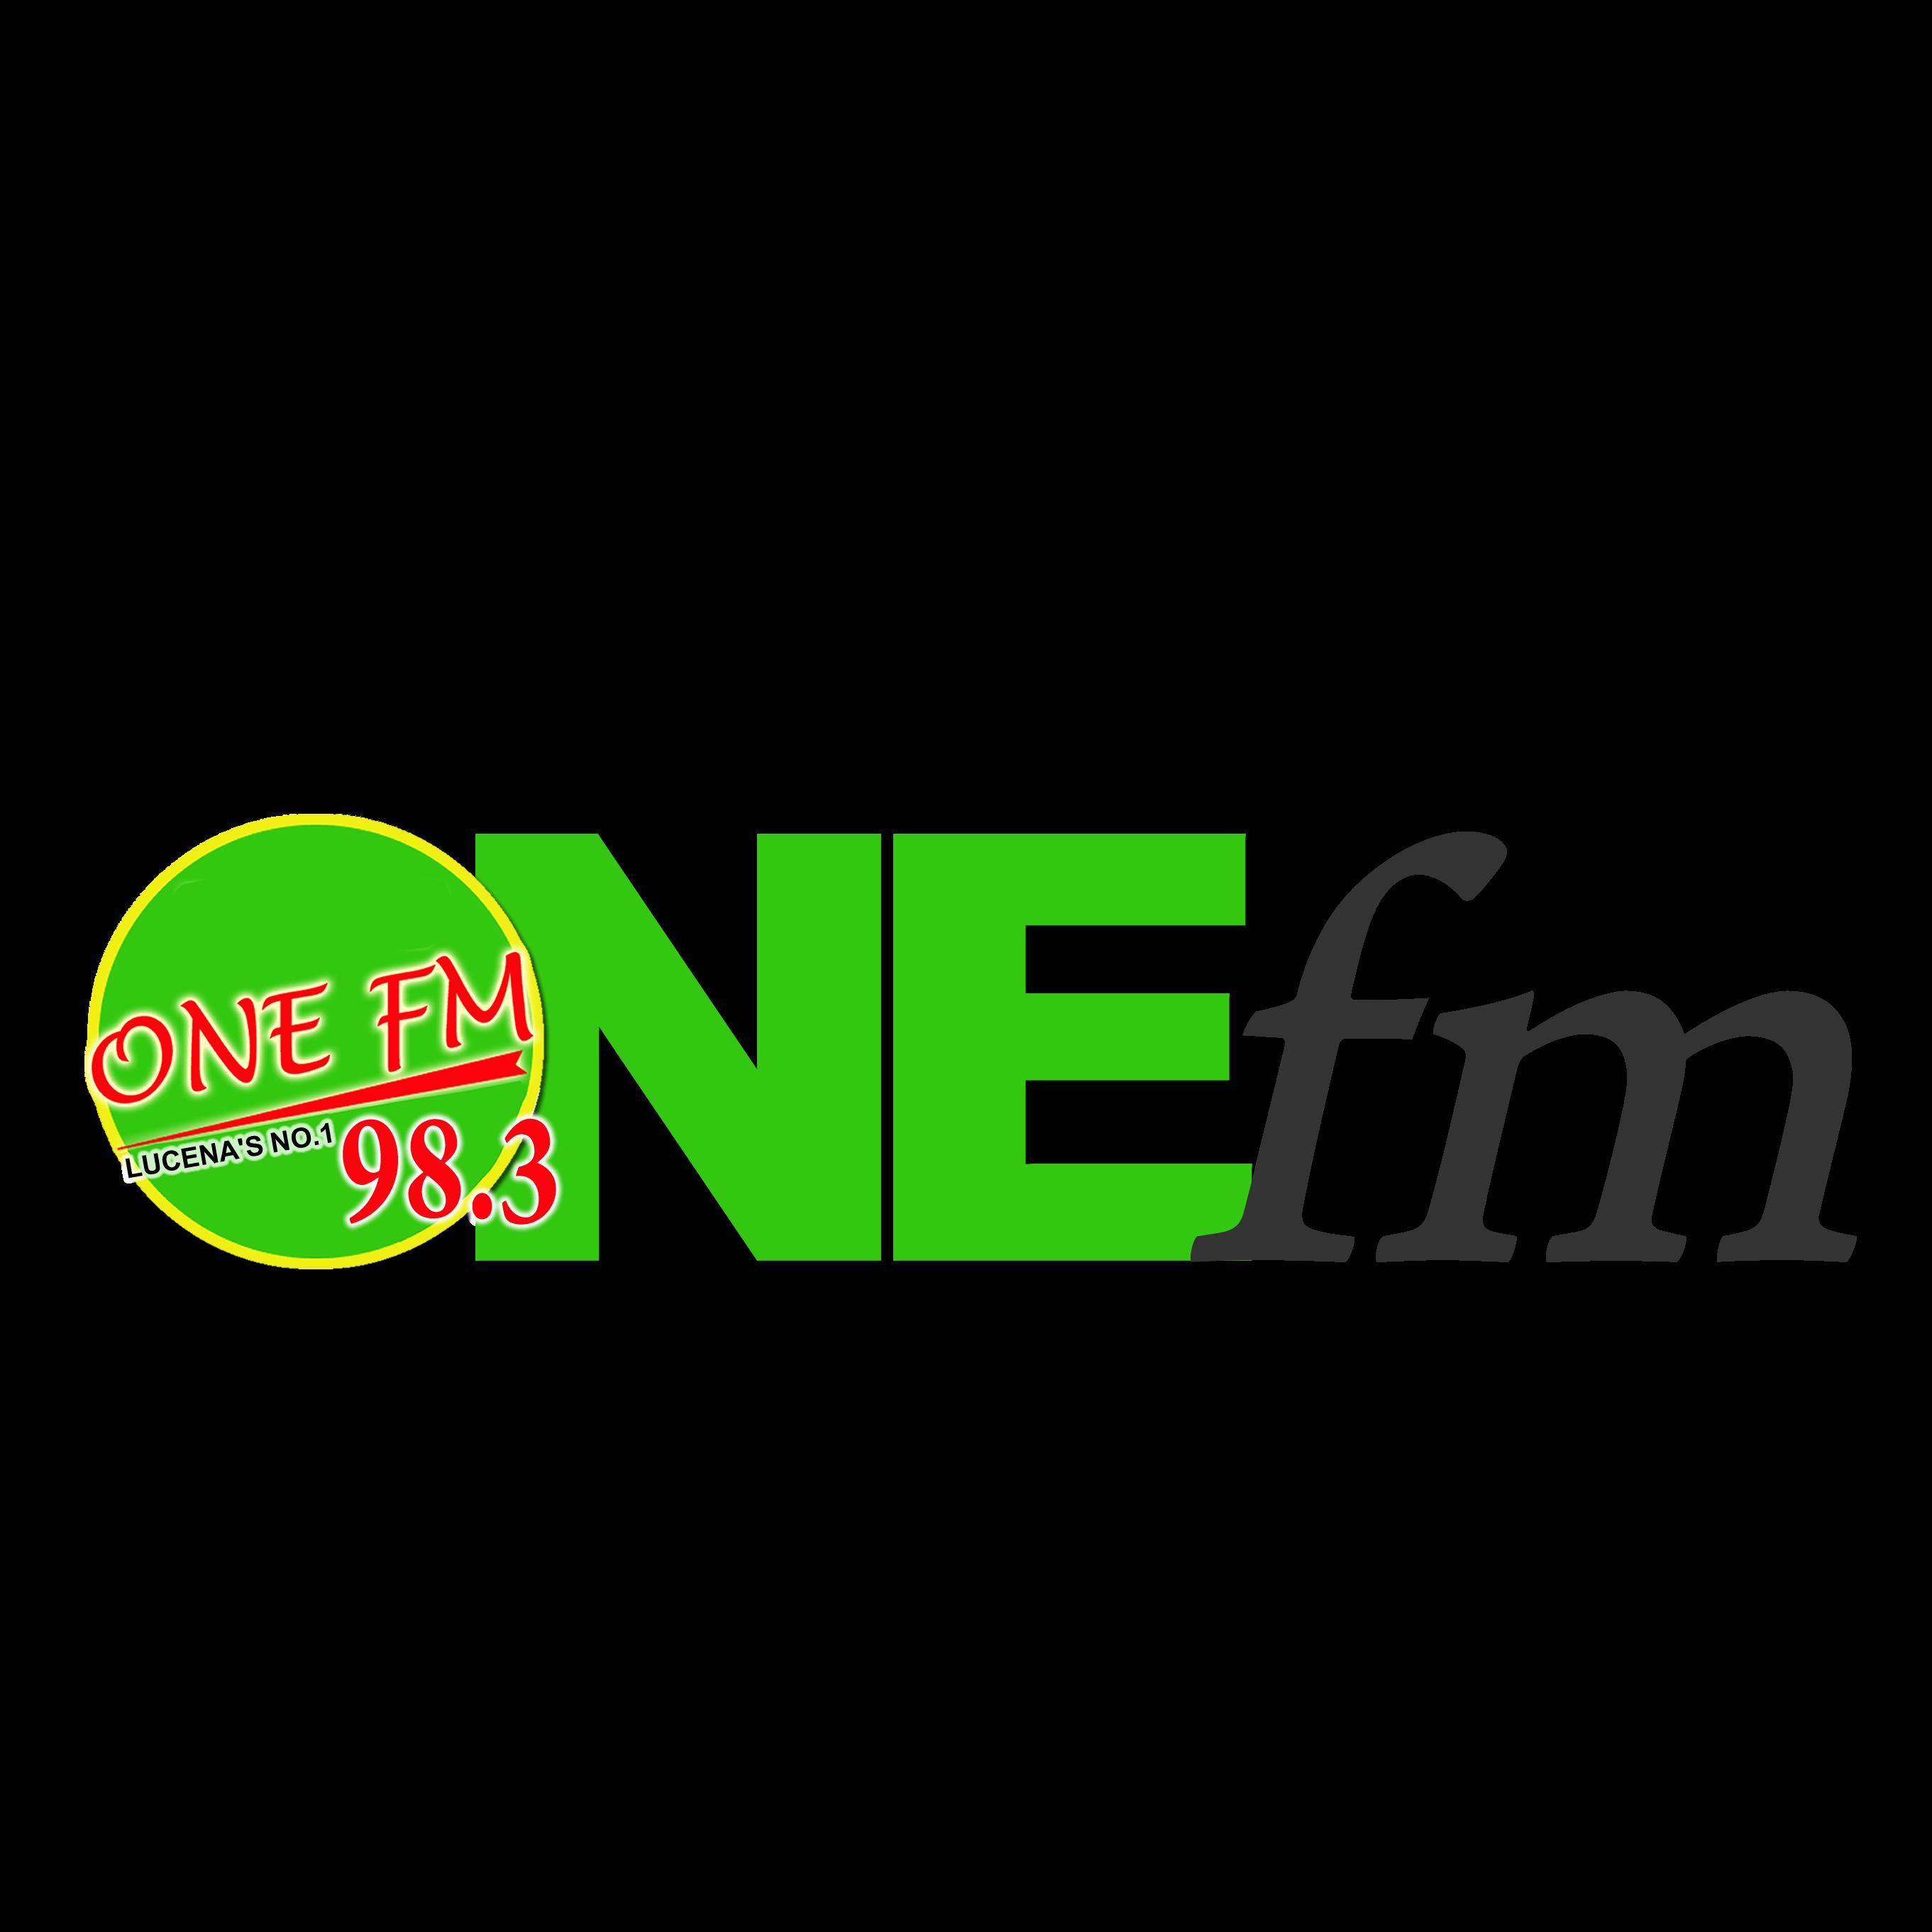 DZLQ 98.3 One FM